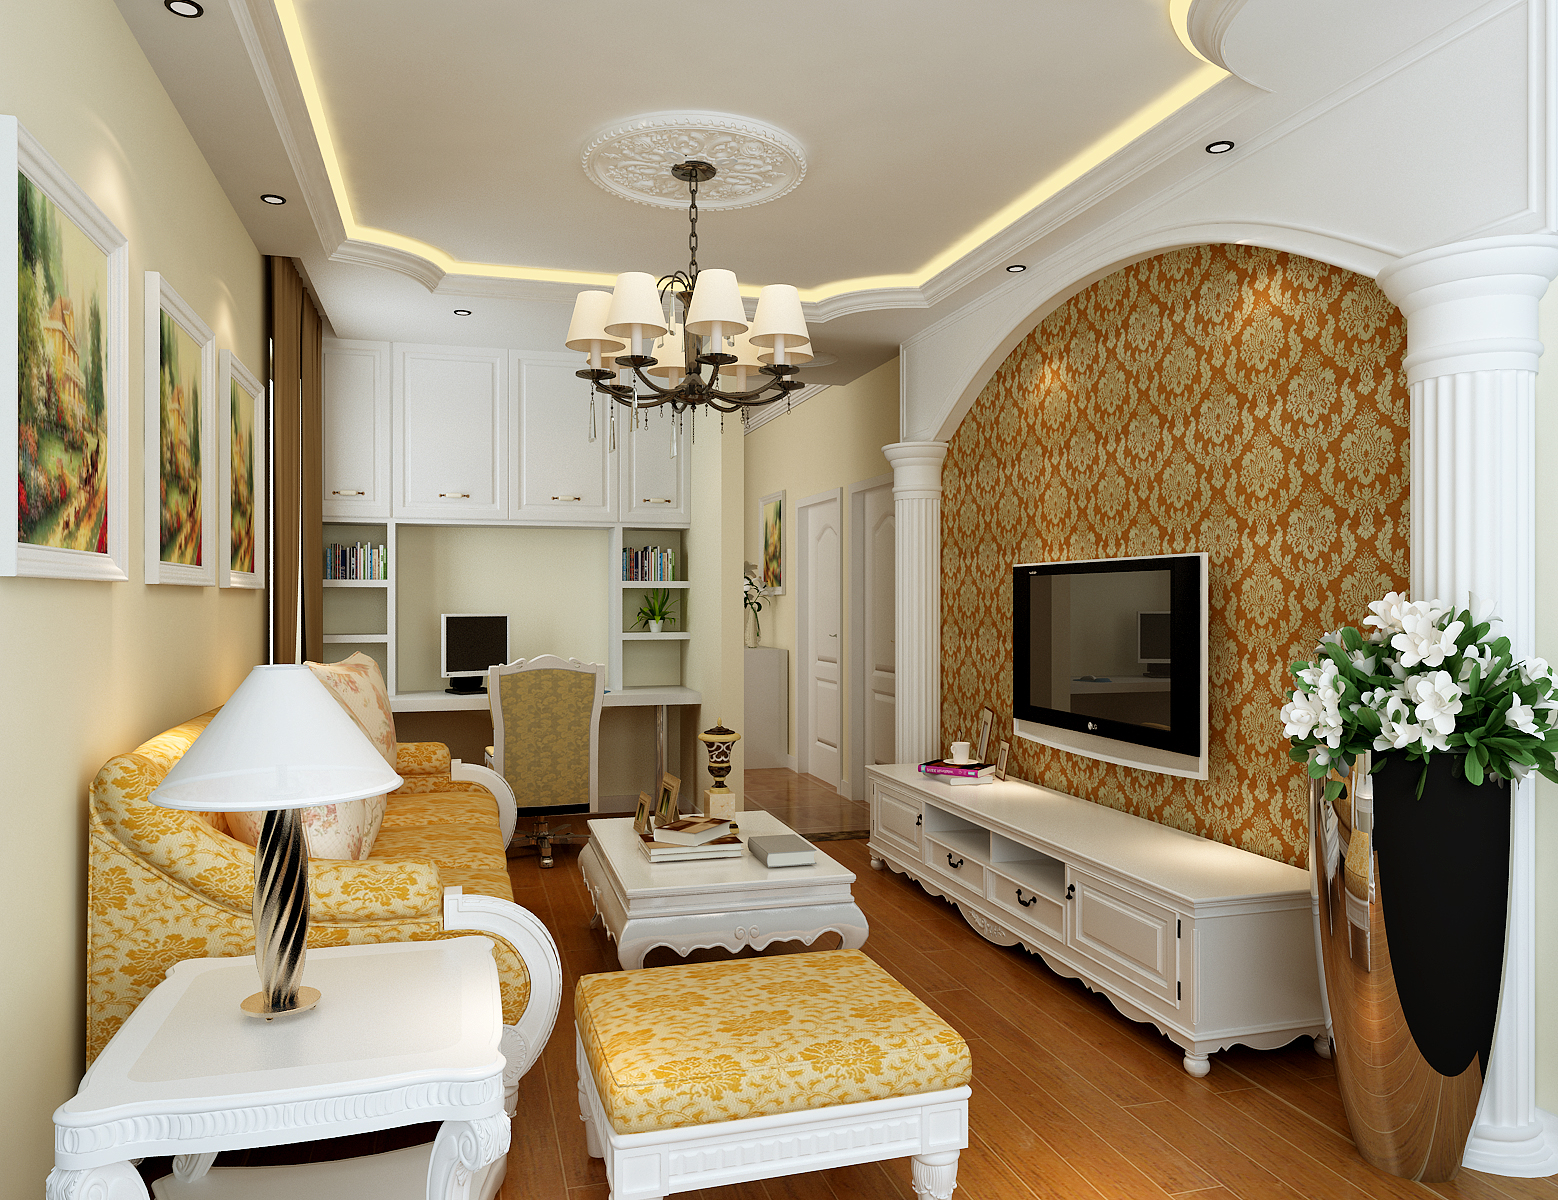 欧式 混搭 白领 收纳 客厅图片来自合肥实创装饰李东风在小户型也可以装修欧式的分享